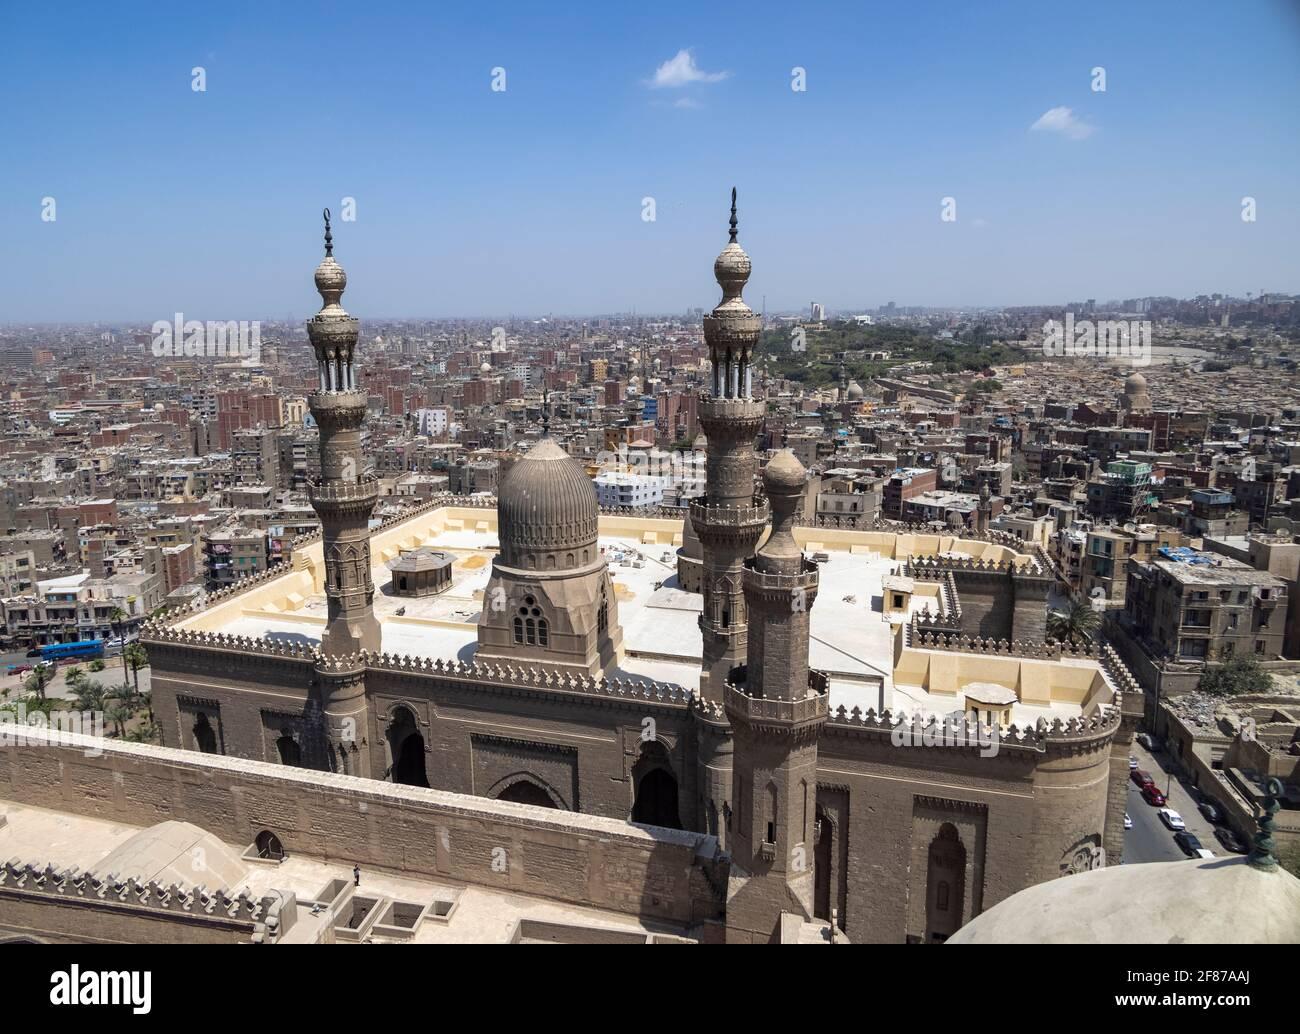 Moschee von al-Rifa'i, Kairo, Ägypten Stockfoto